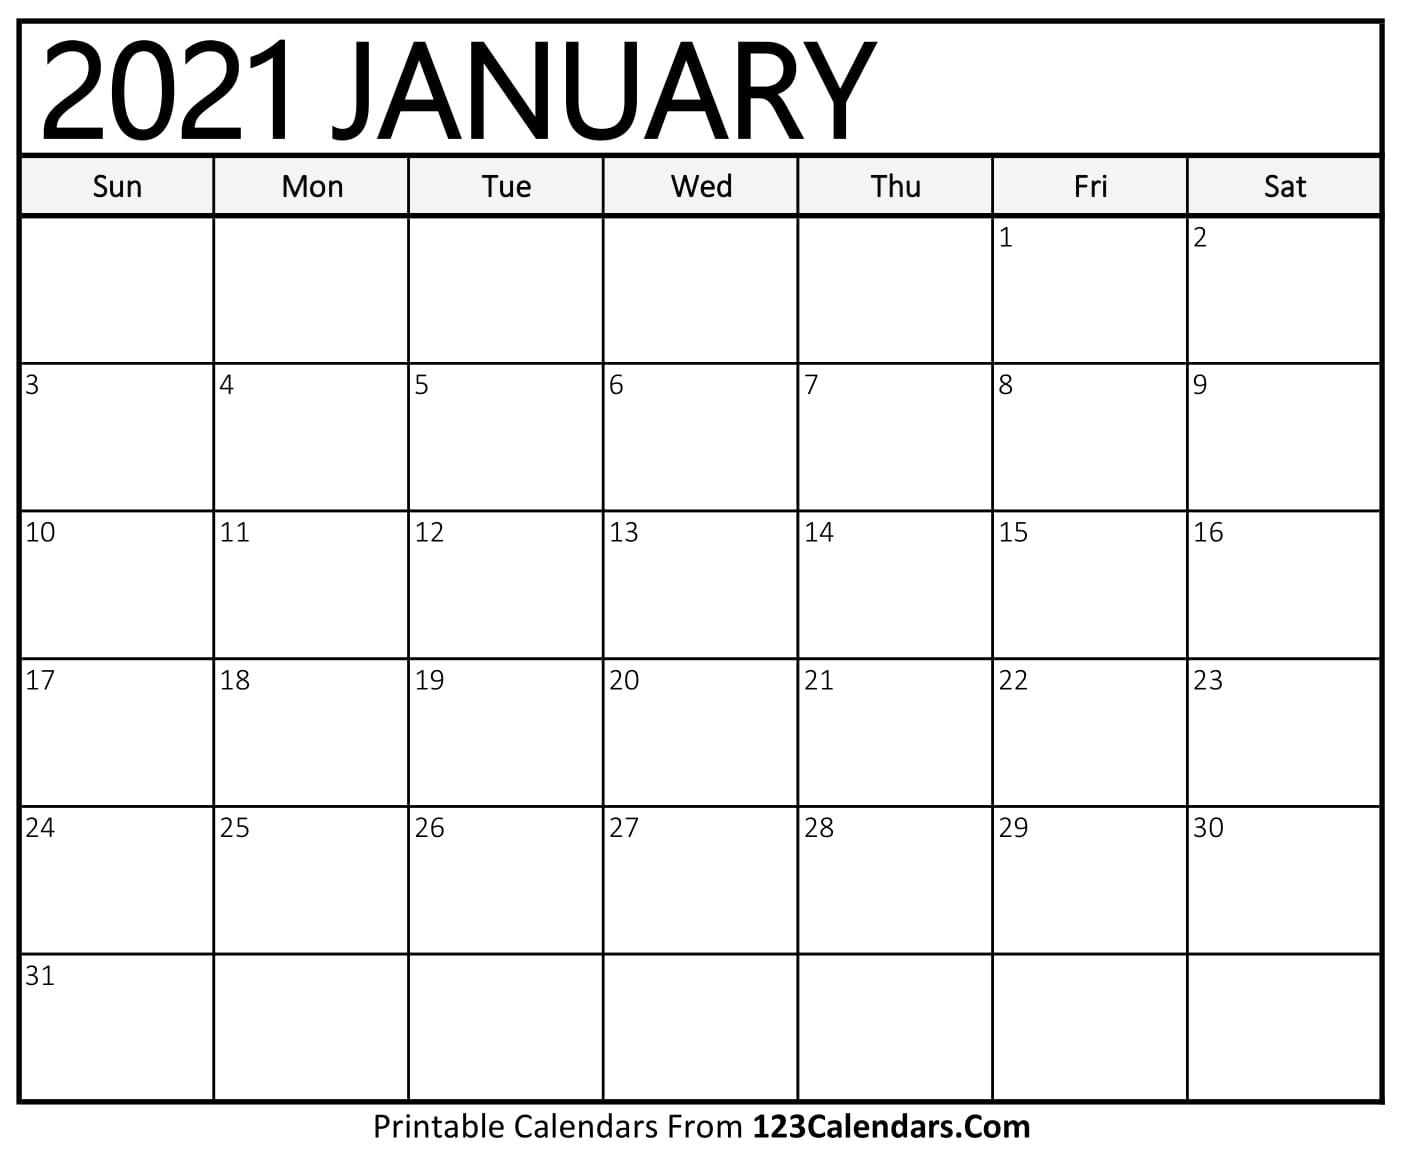 Calendar Of Just Weekends For 2021   Calendar Printables Free Templates for 2021 Calendar Free Printable